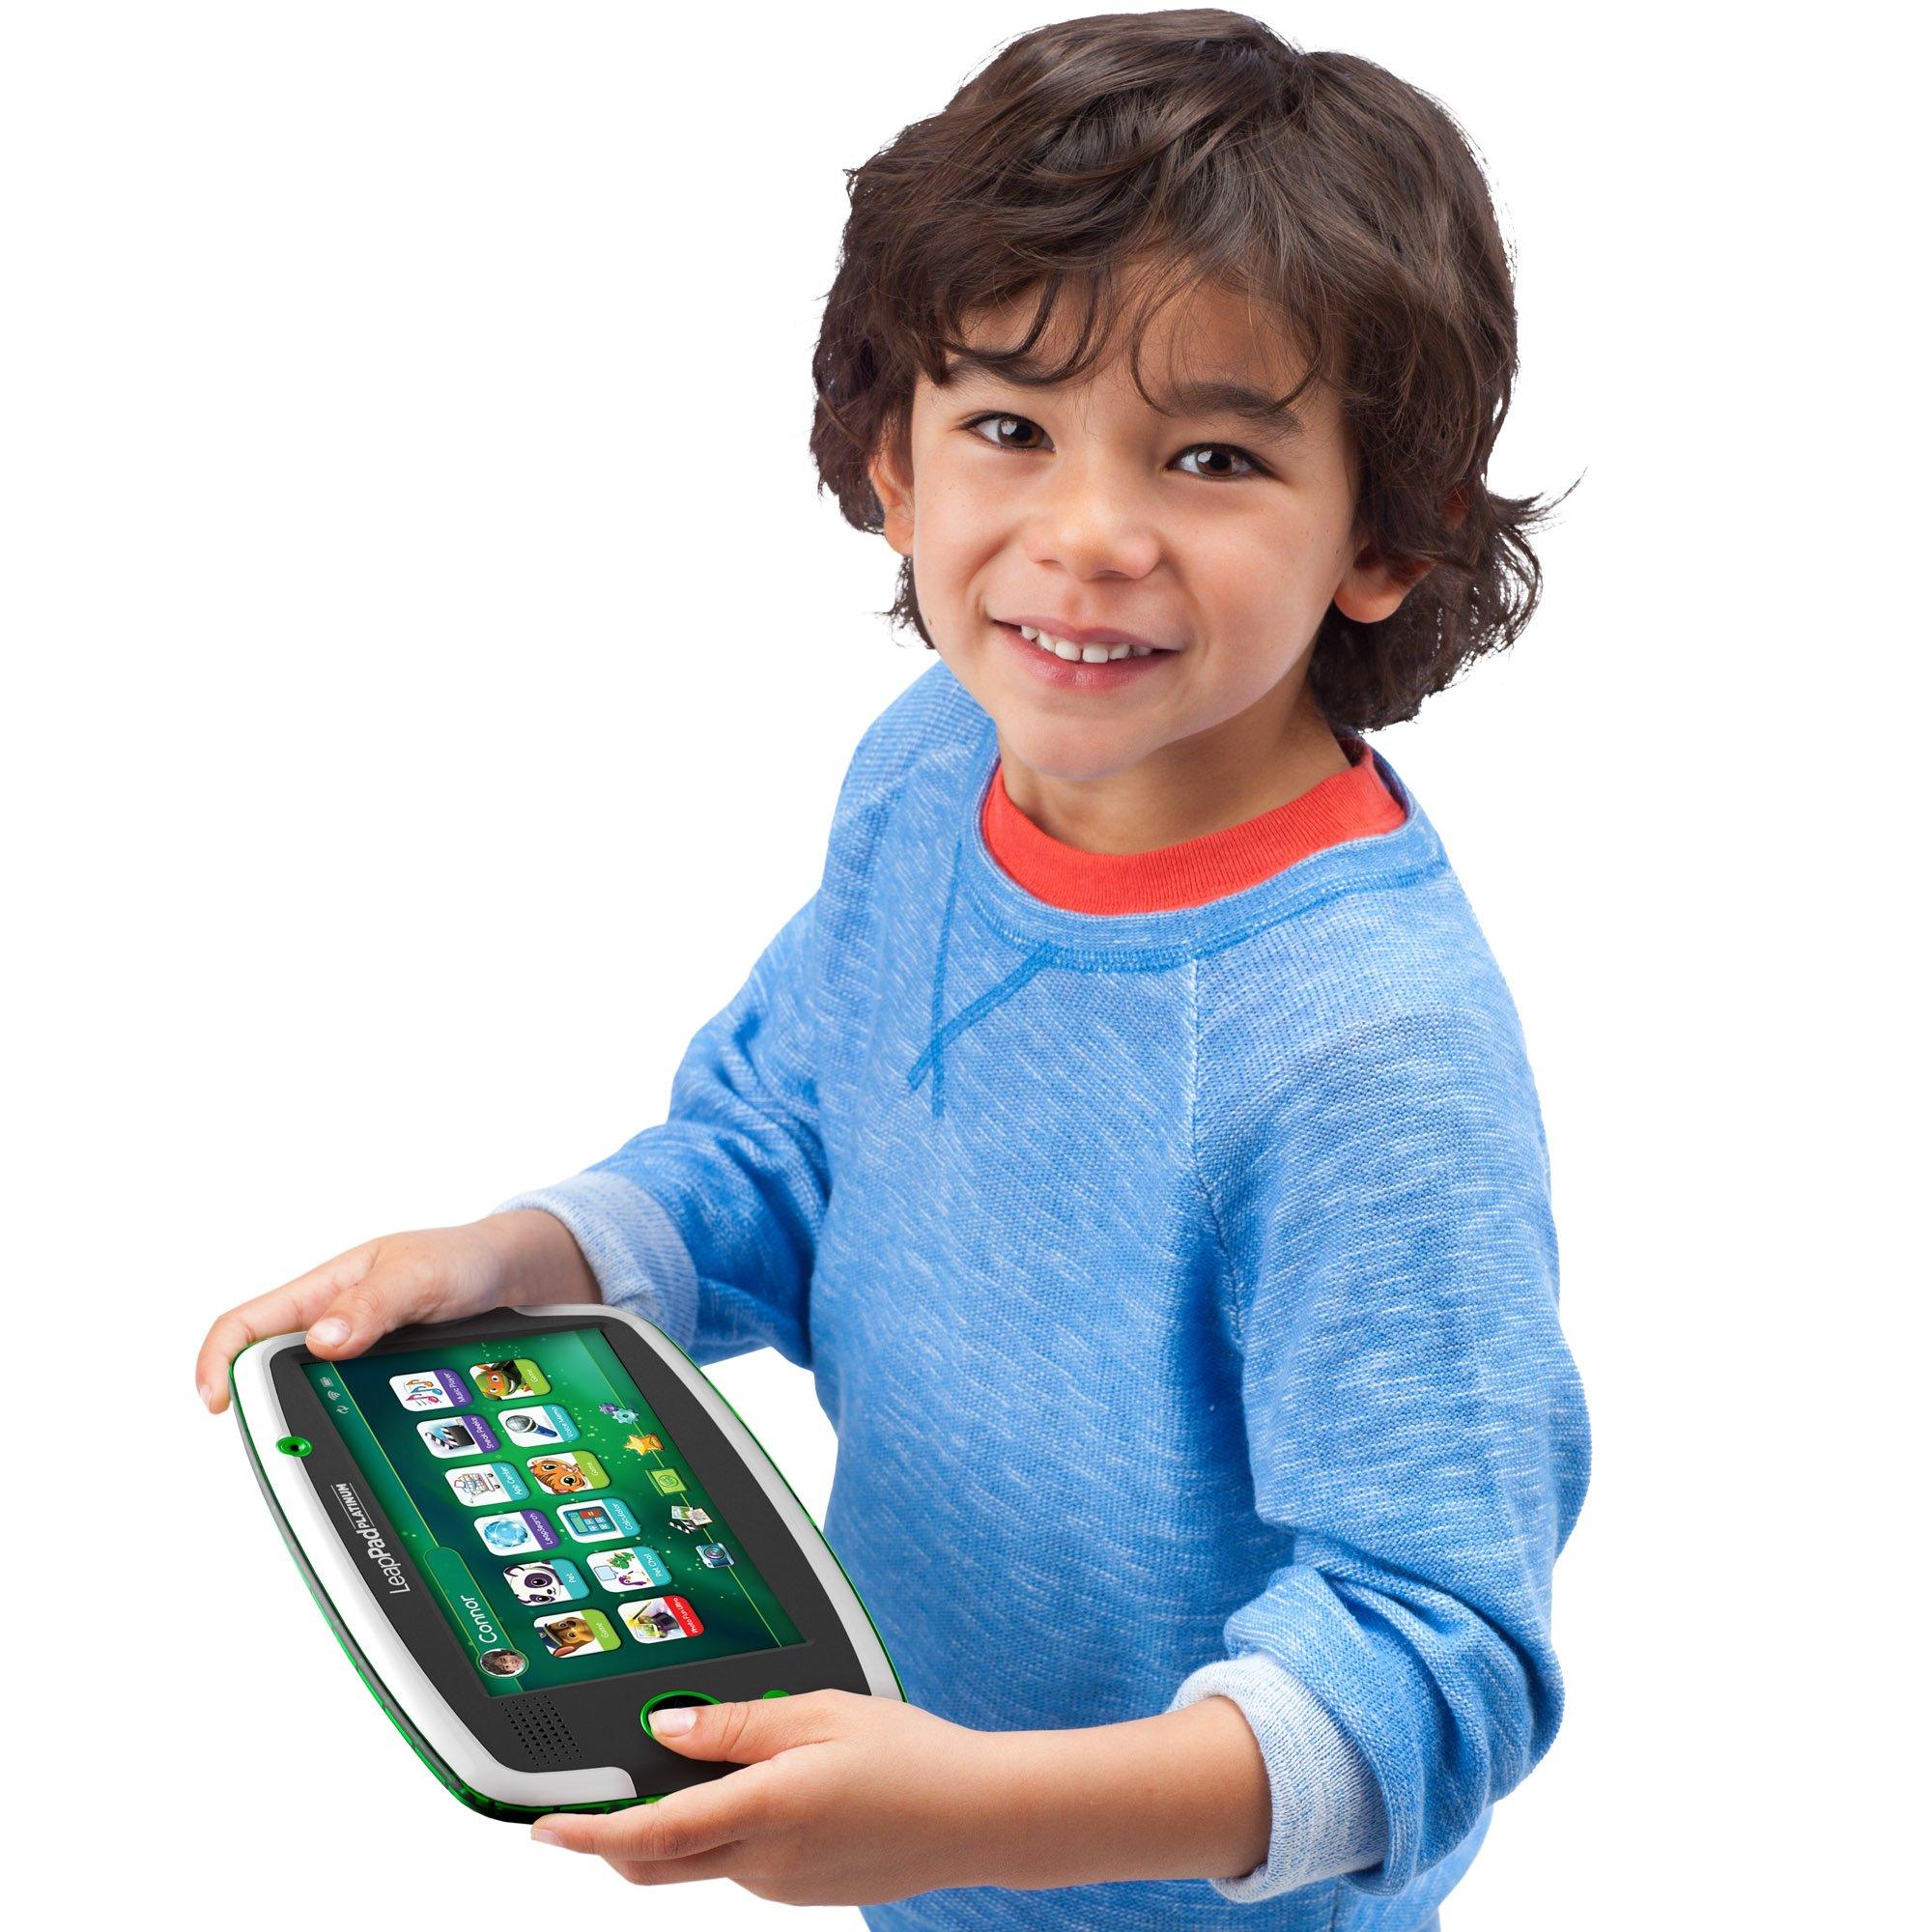 LeapFrog LeapPad Platinum Kids Learning Tablet, Green by LeapFrog. (Image #8)